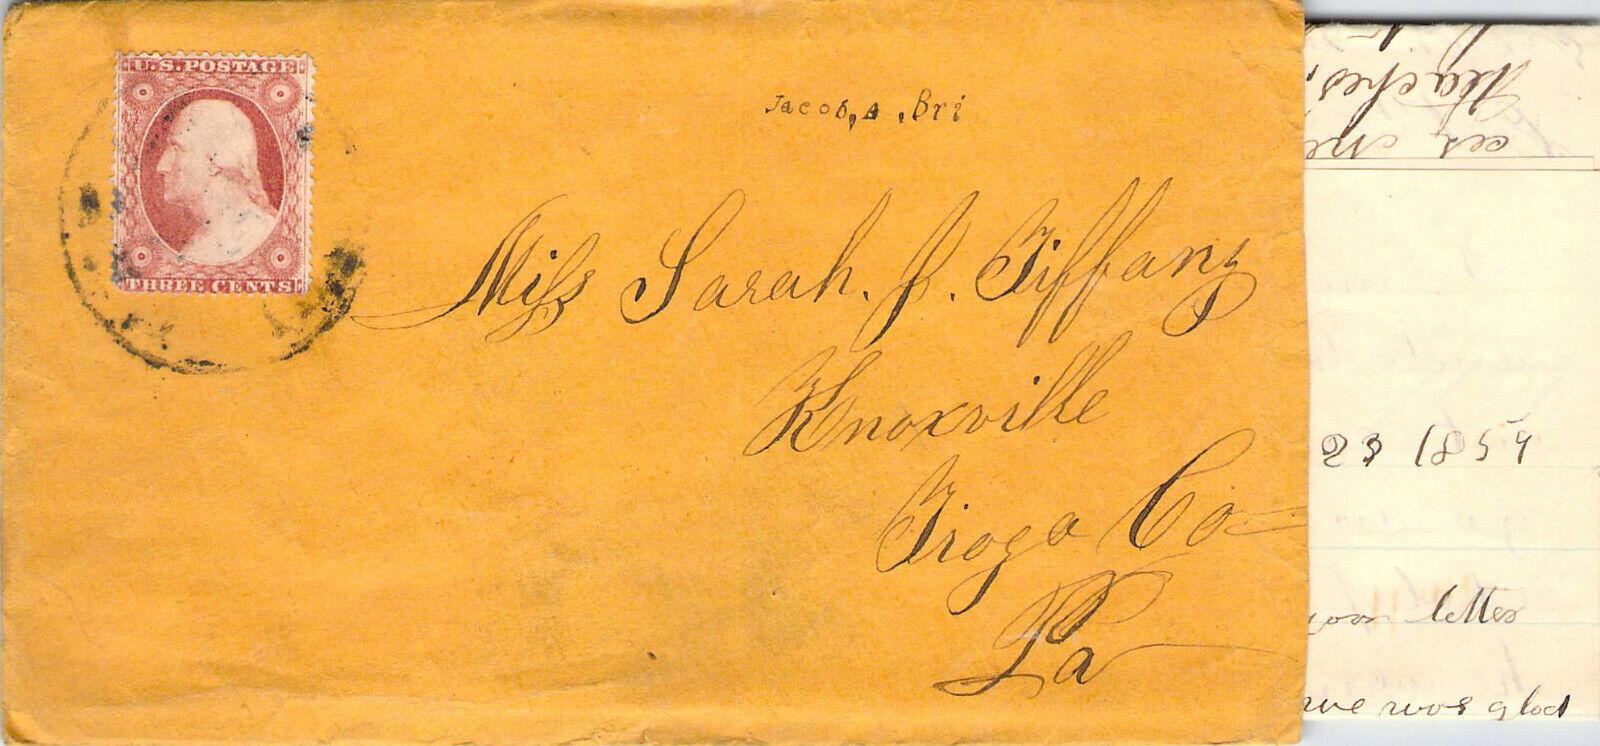 1859 CORRESPONDENCE GREEN GARDEN CRAZY COOL CANCEL POSTAL HISTORY